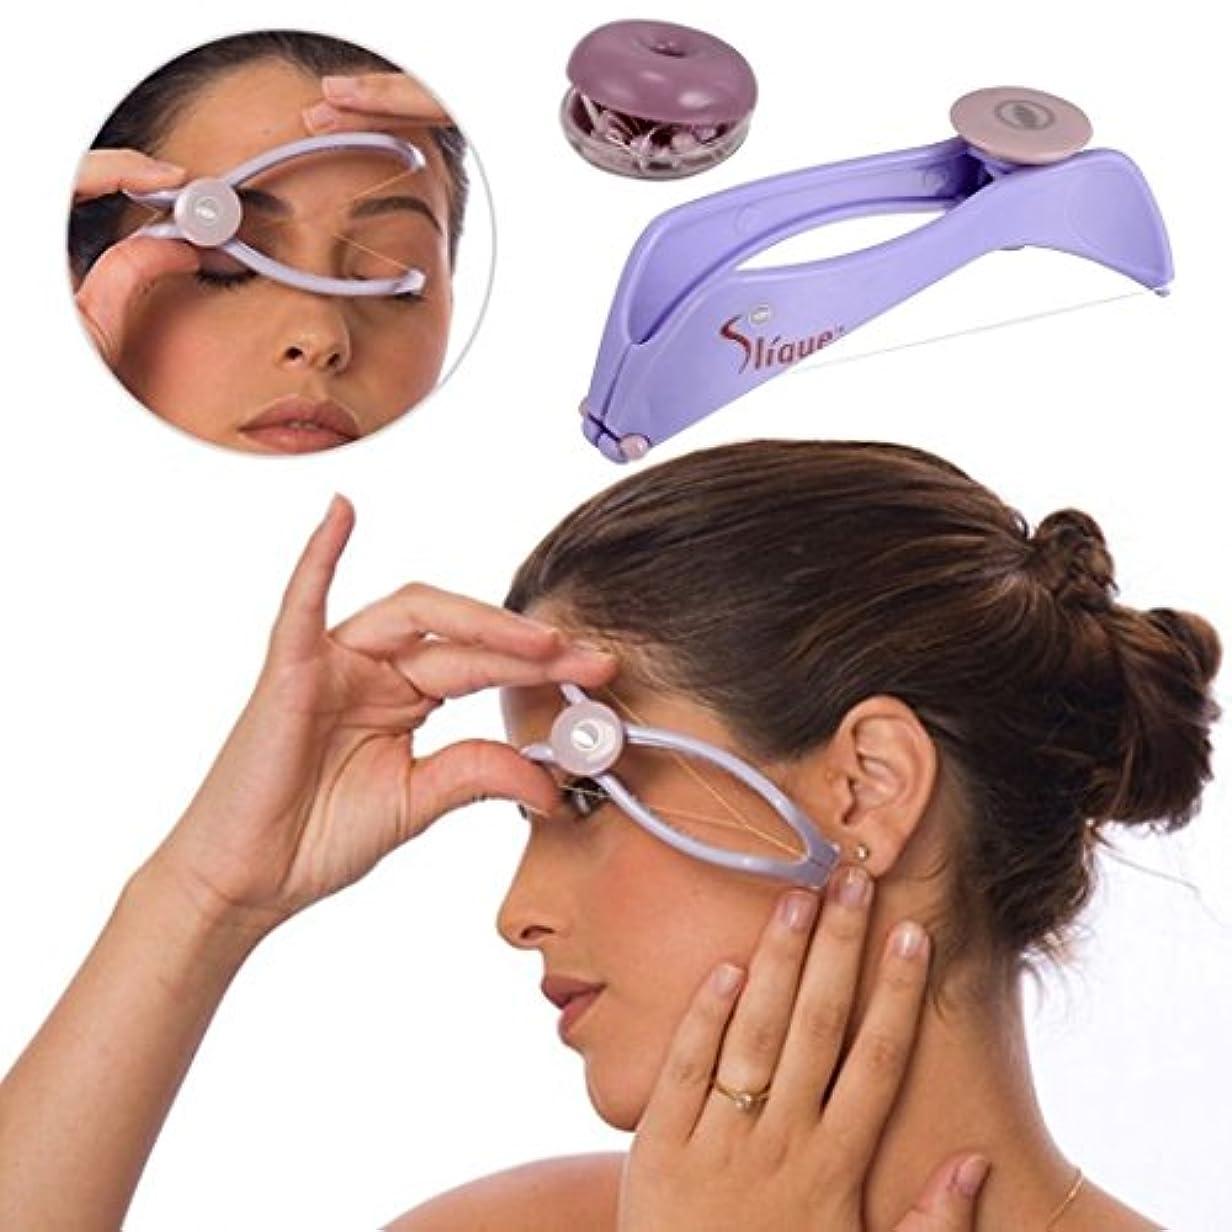 飲料検出可能倉庫女性の美しさを手動工具面の貫通スパフェイシャル脱毛髪リムーバーハイチツールセット